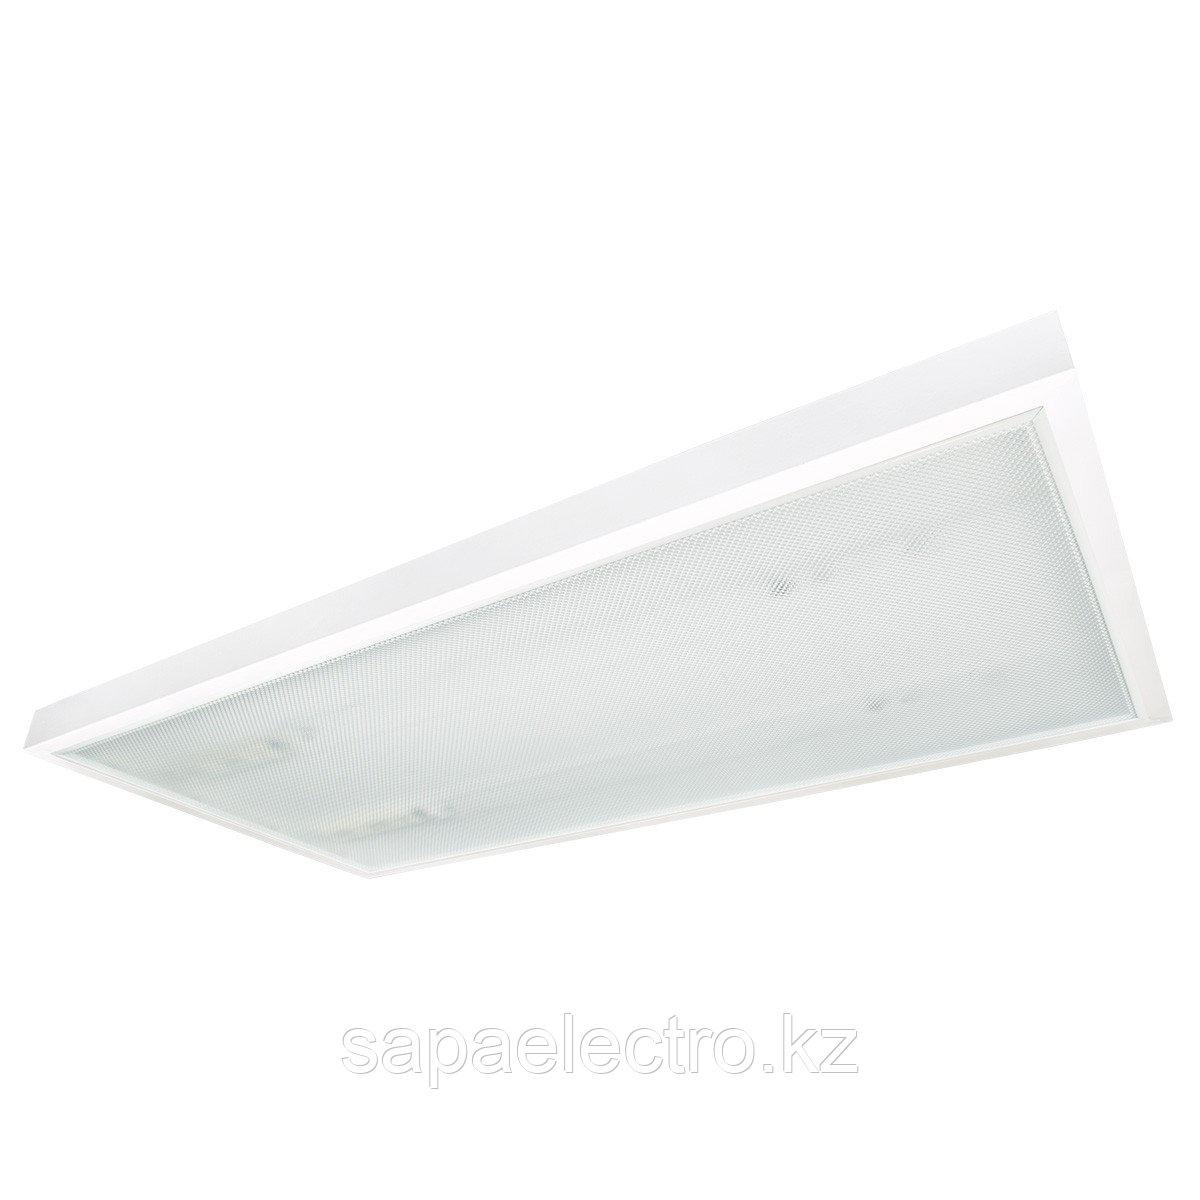 Св-к LEDTUBE LZN 4x18W/120см PRIZMA MODERNA (с ламп